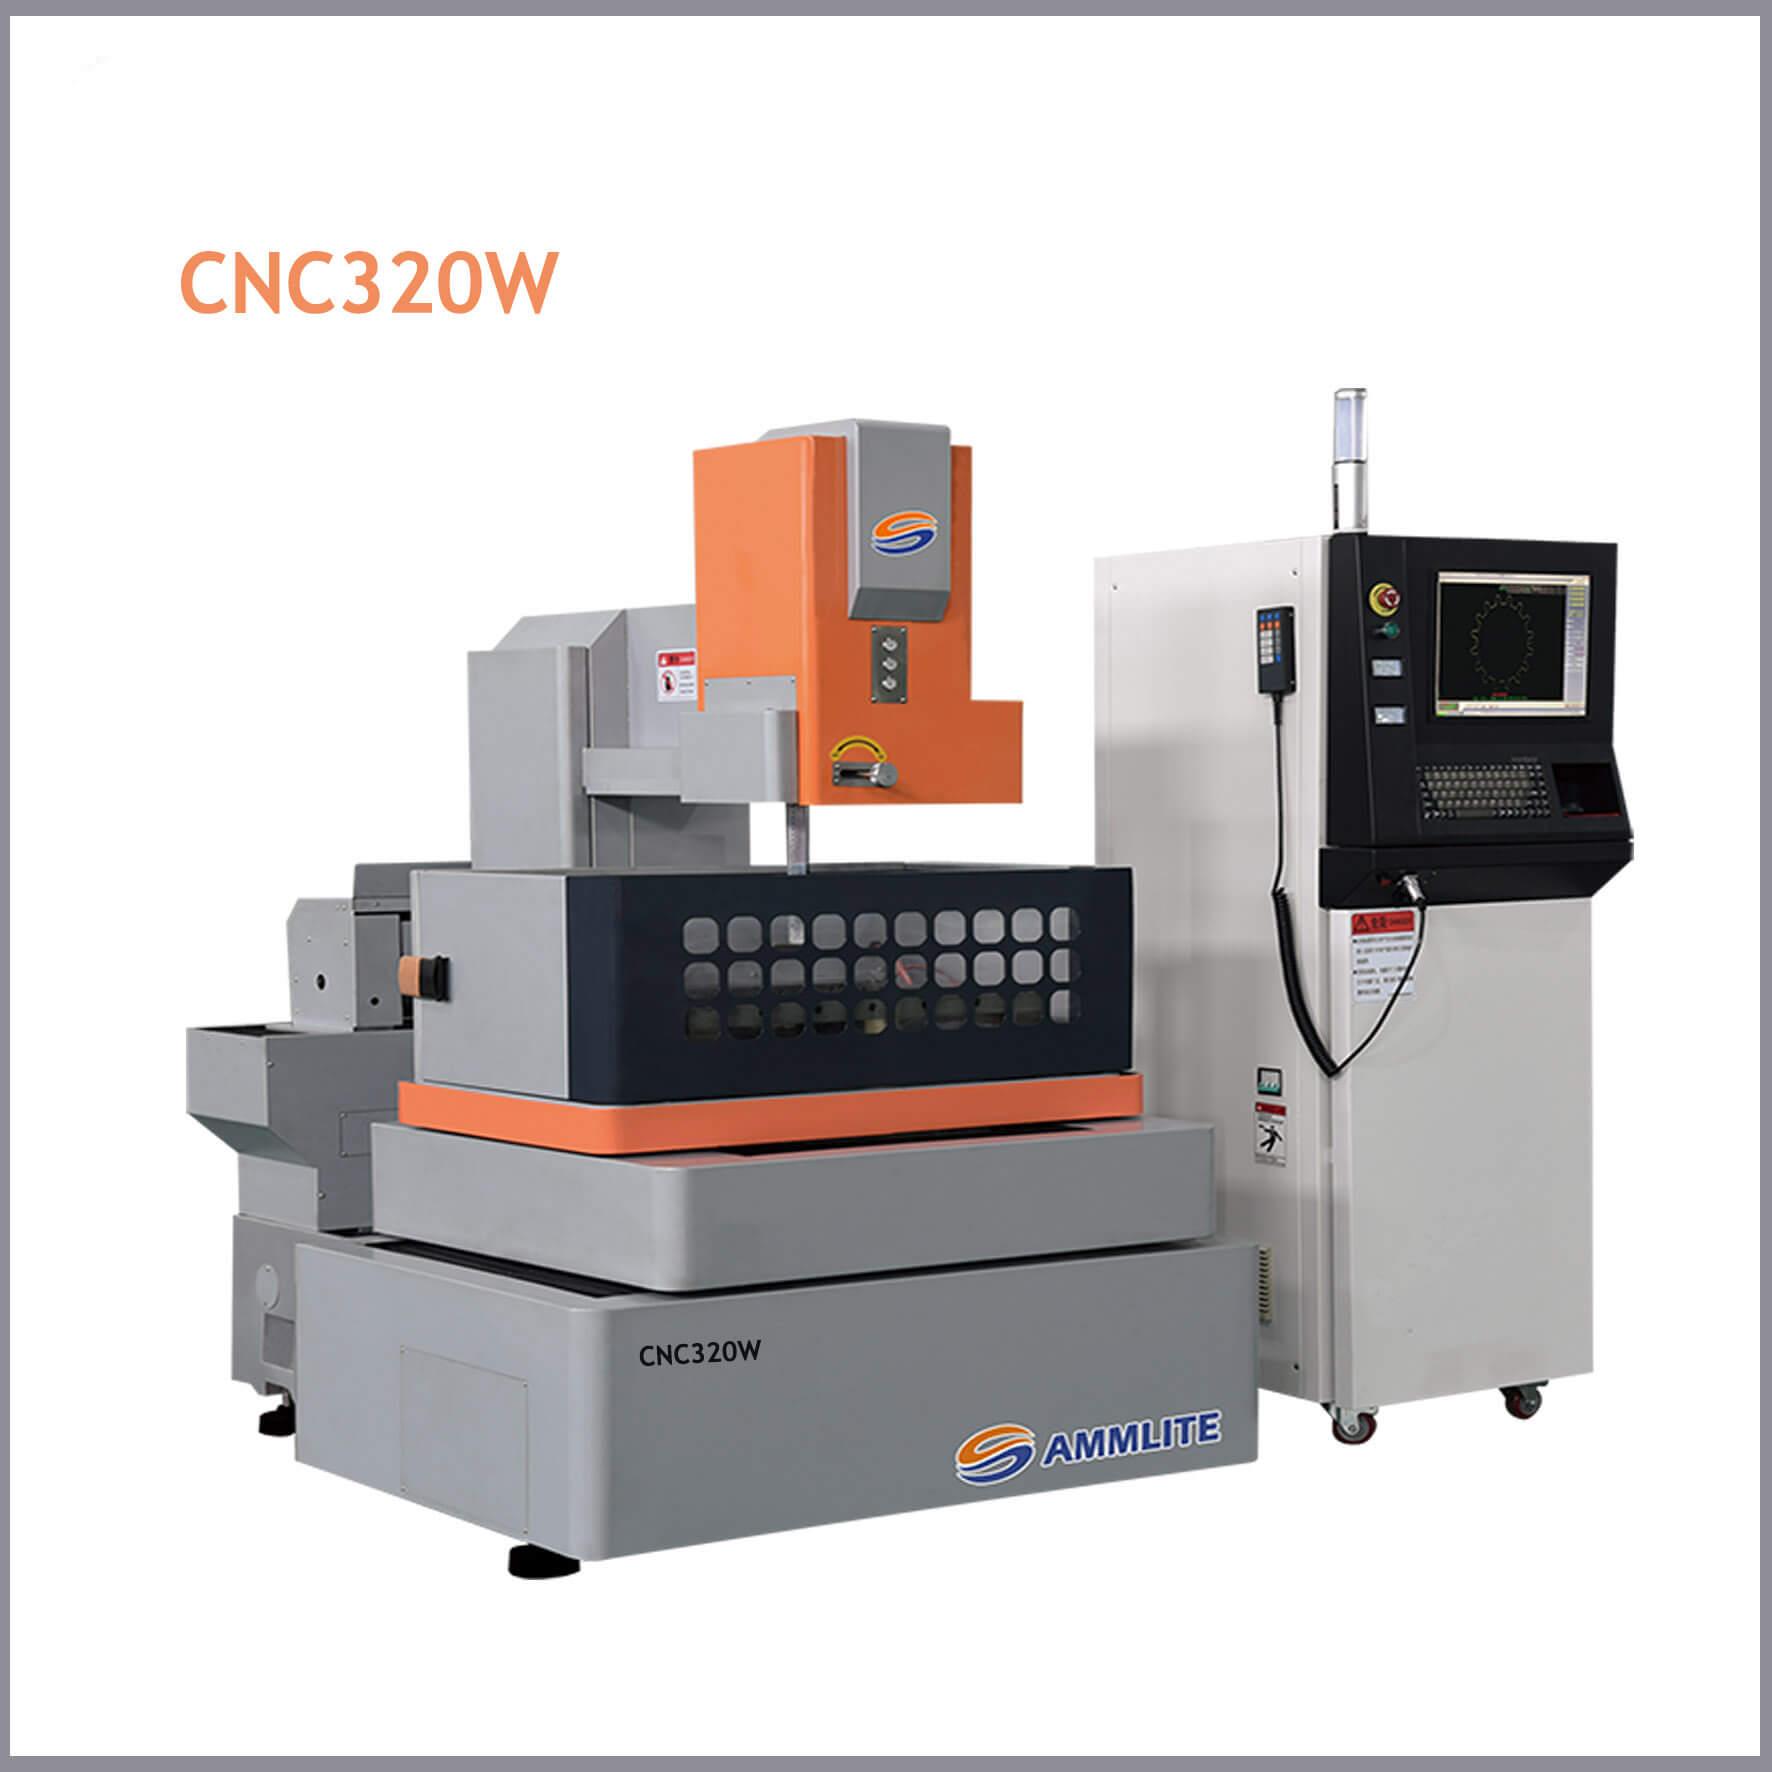 CNC320W Dalma Erozyon Tezgahı